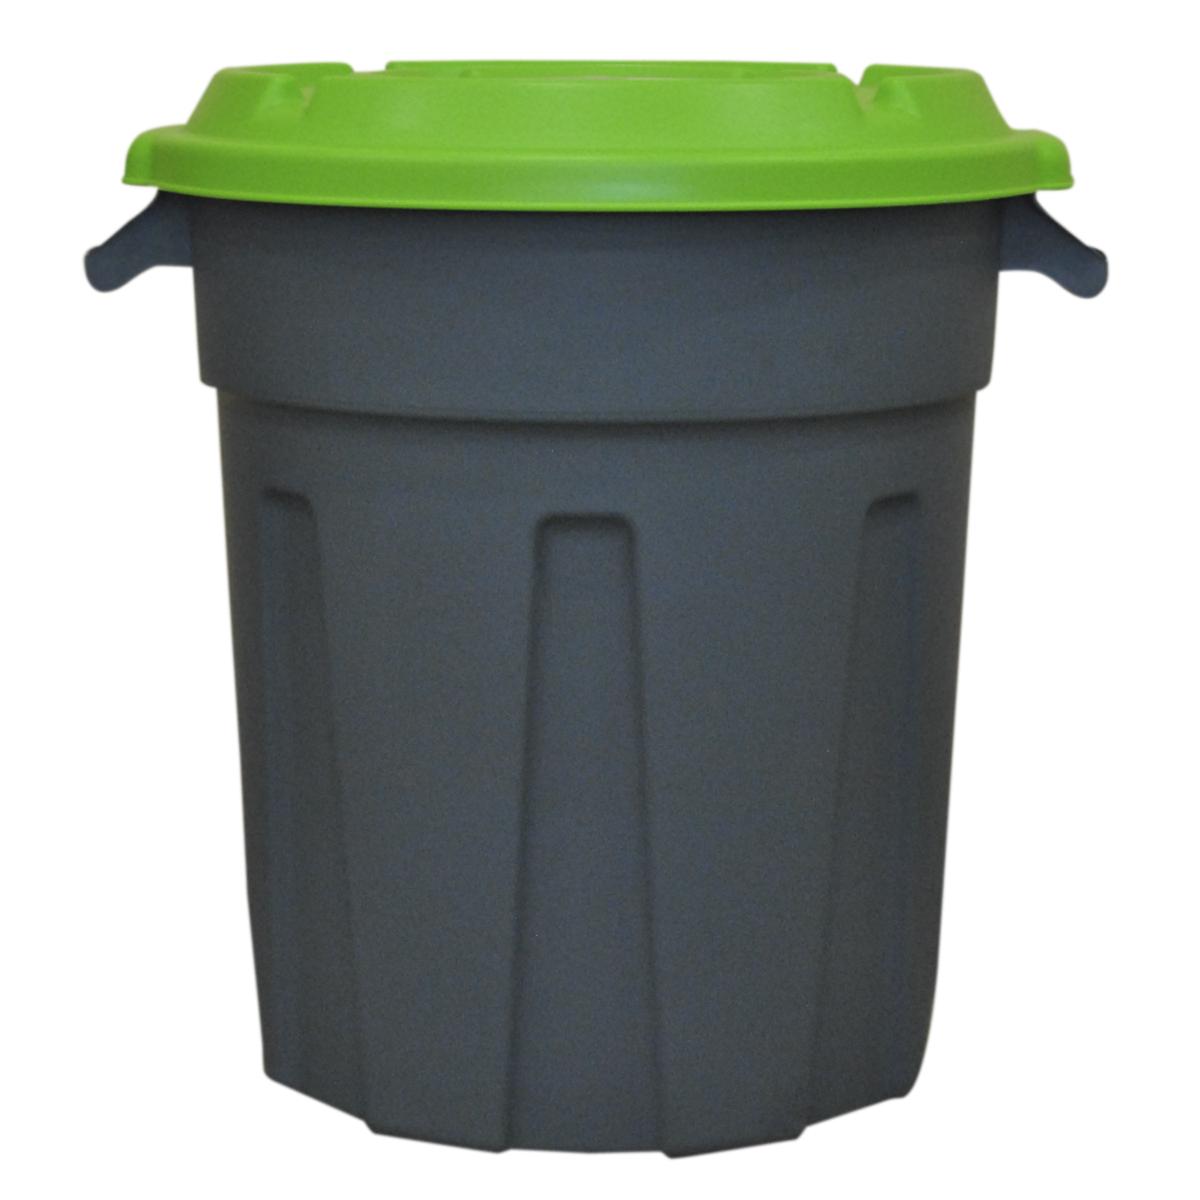 Мусорный бак InGreen, с крышкой, 60 л3903Пластиковый мусорный бак InGreen предназначен для применения в быту. Изготовлен из материала, обеспечивающего изделию повышенную прочность. Крышка бака обеспечивает плотное закрывание. На дне бака предусмотрена площадка для установки колес.Размер изделия: 54,3 х 48 х 54,5 см.